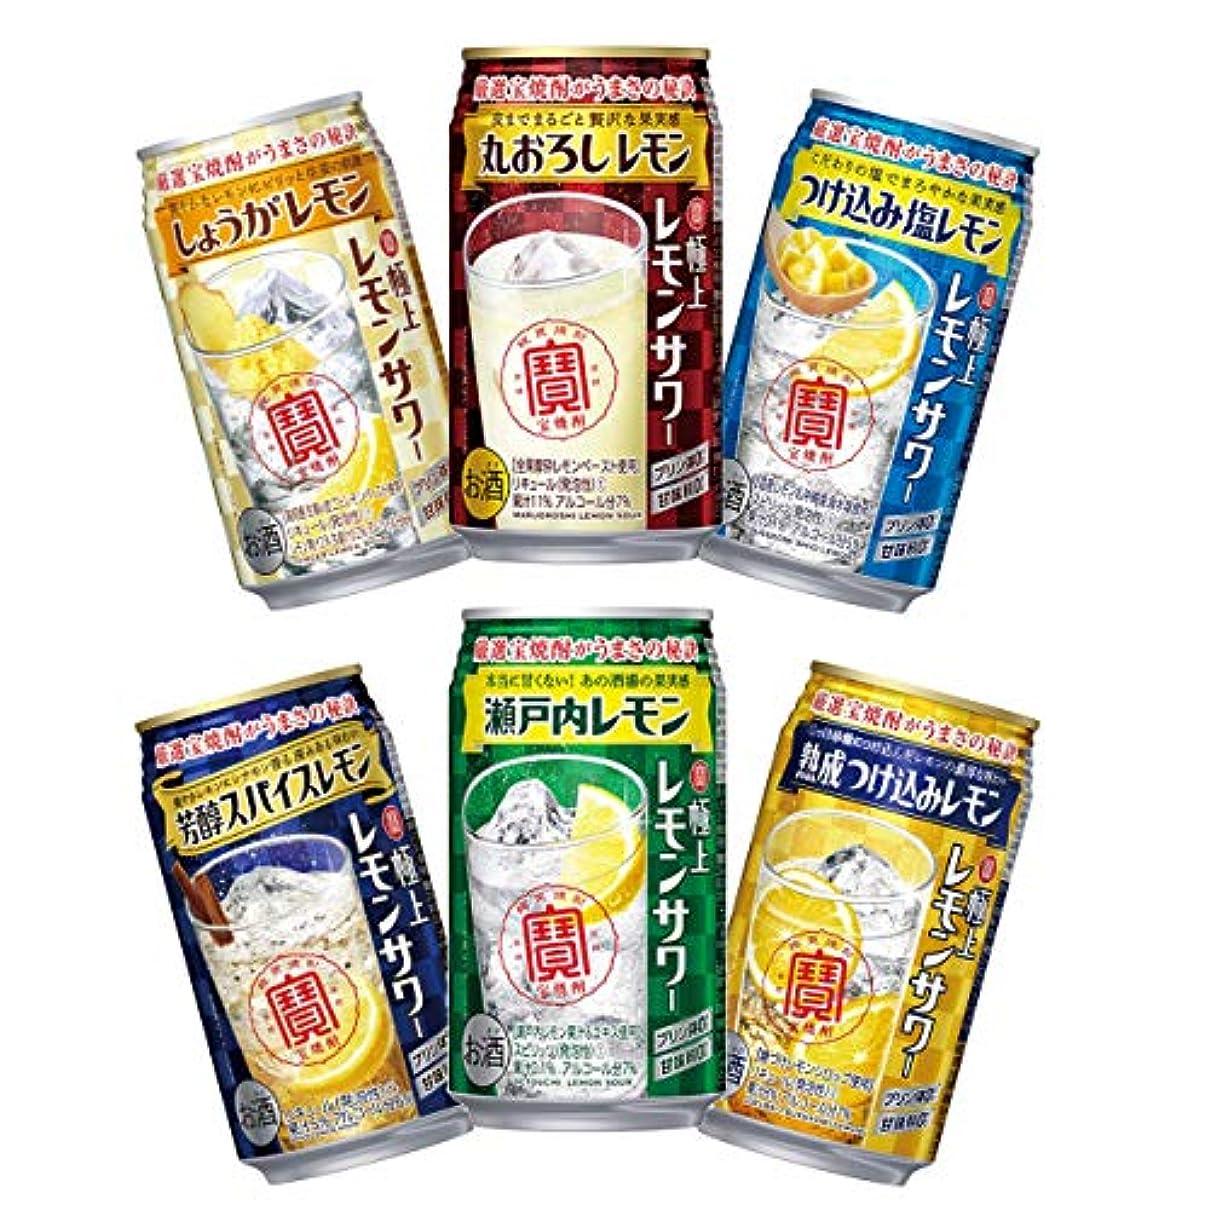 ゼリー松交流する宝 極上レモンサワー 6種 飲み比べセット[350ml缶×12本/各種2本ずつ]